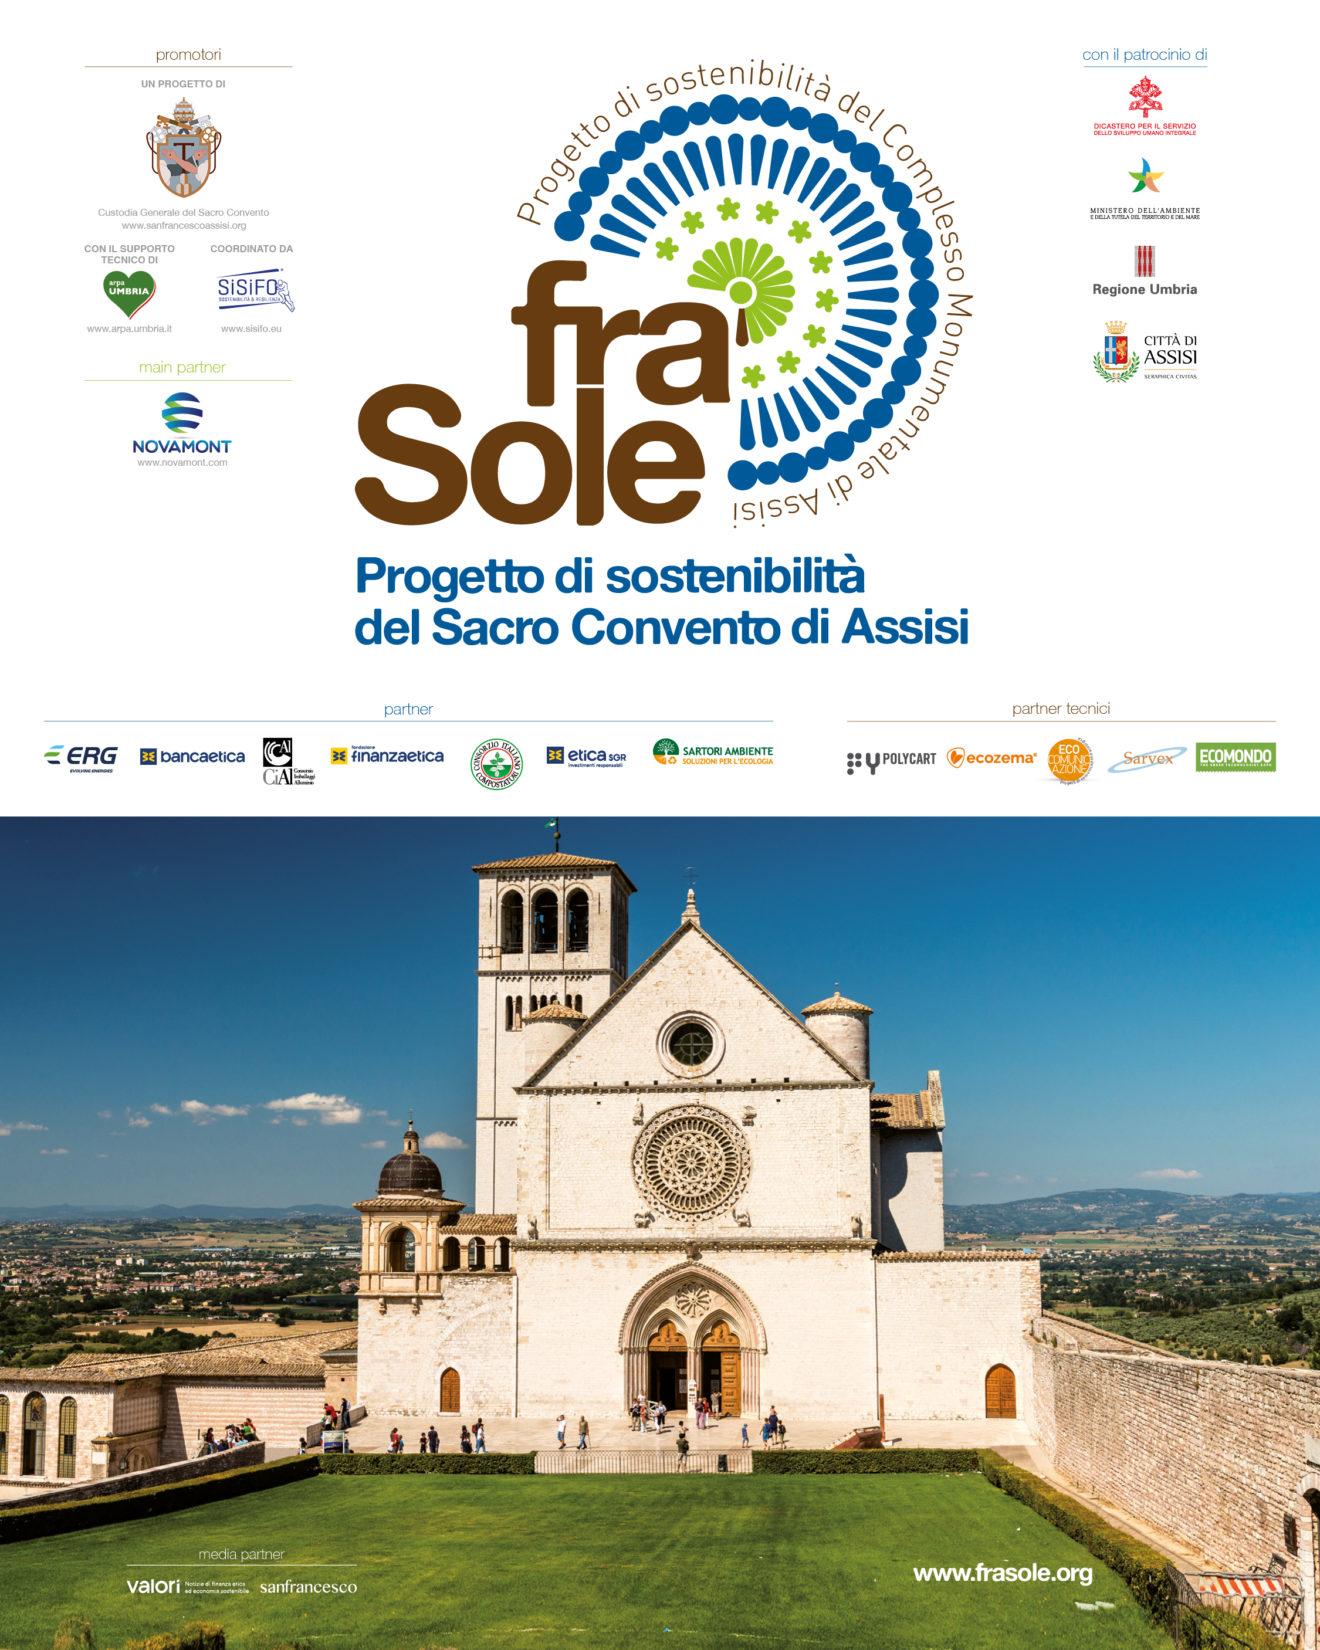 Accelera il processo di decarbonizzazione del Sacro Convento di Assisi